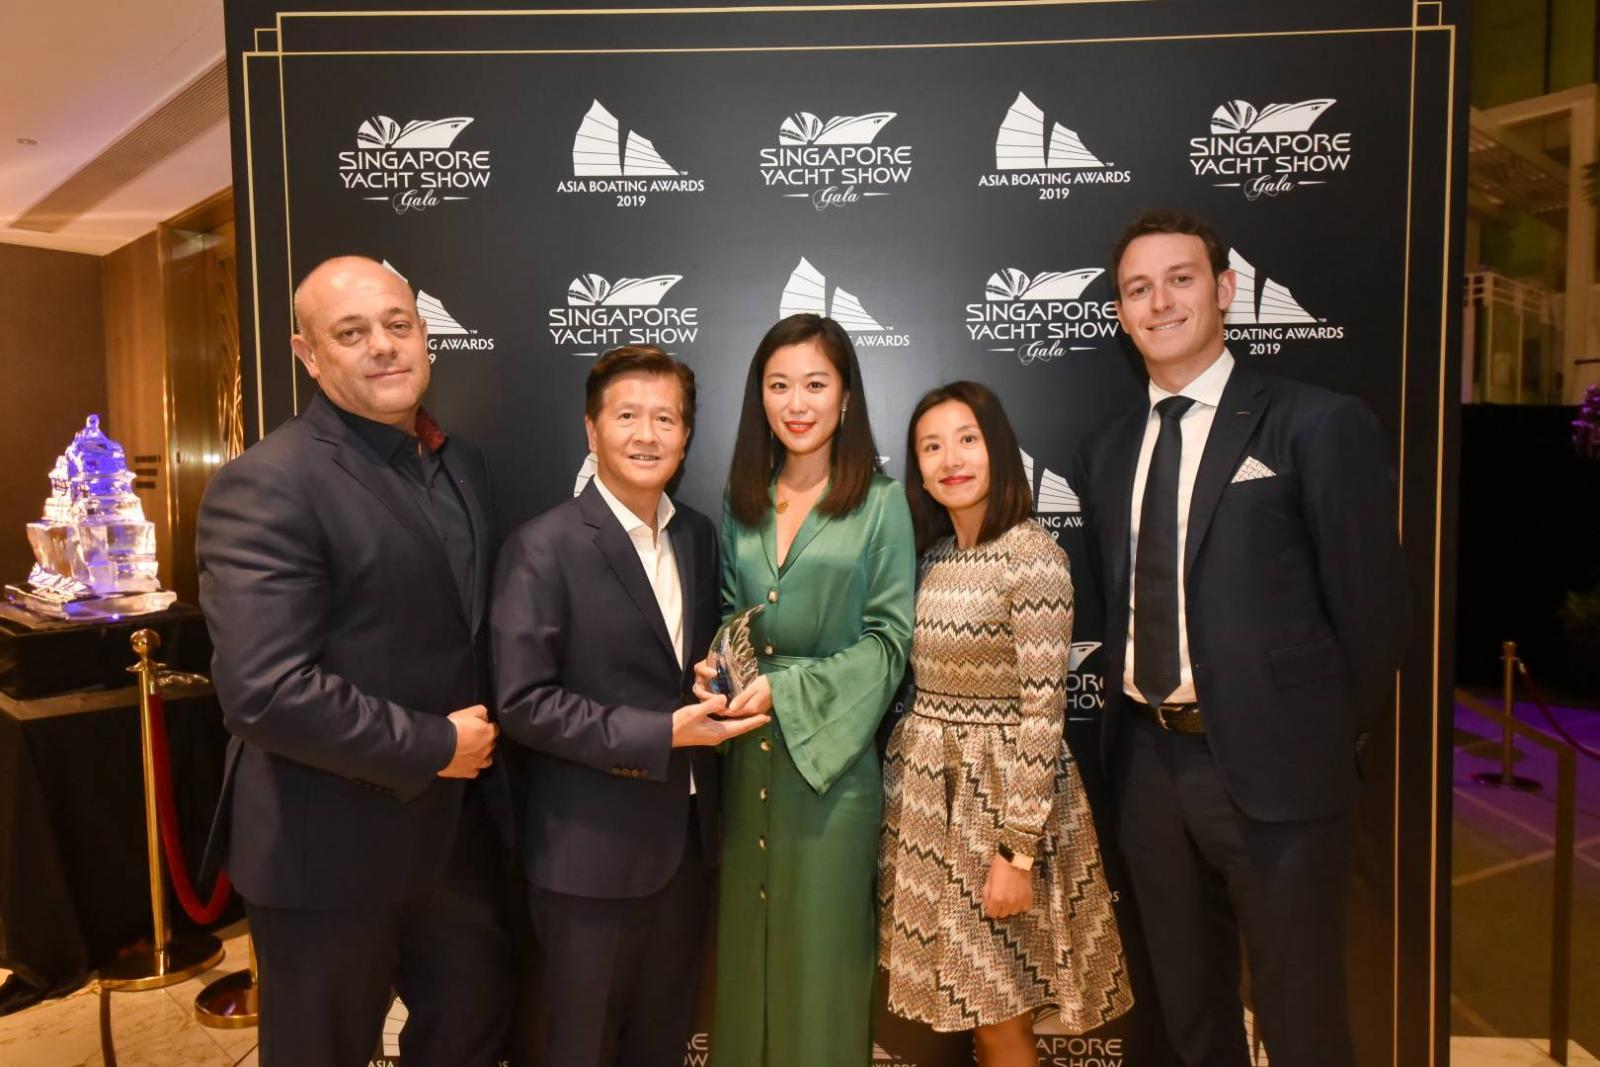 Azimut Yachts Asia Boating Awards